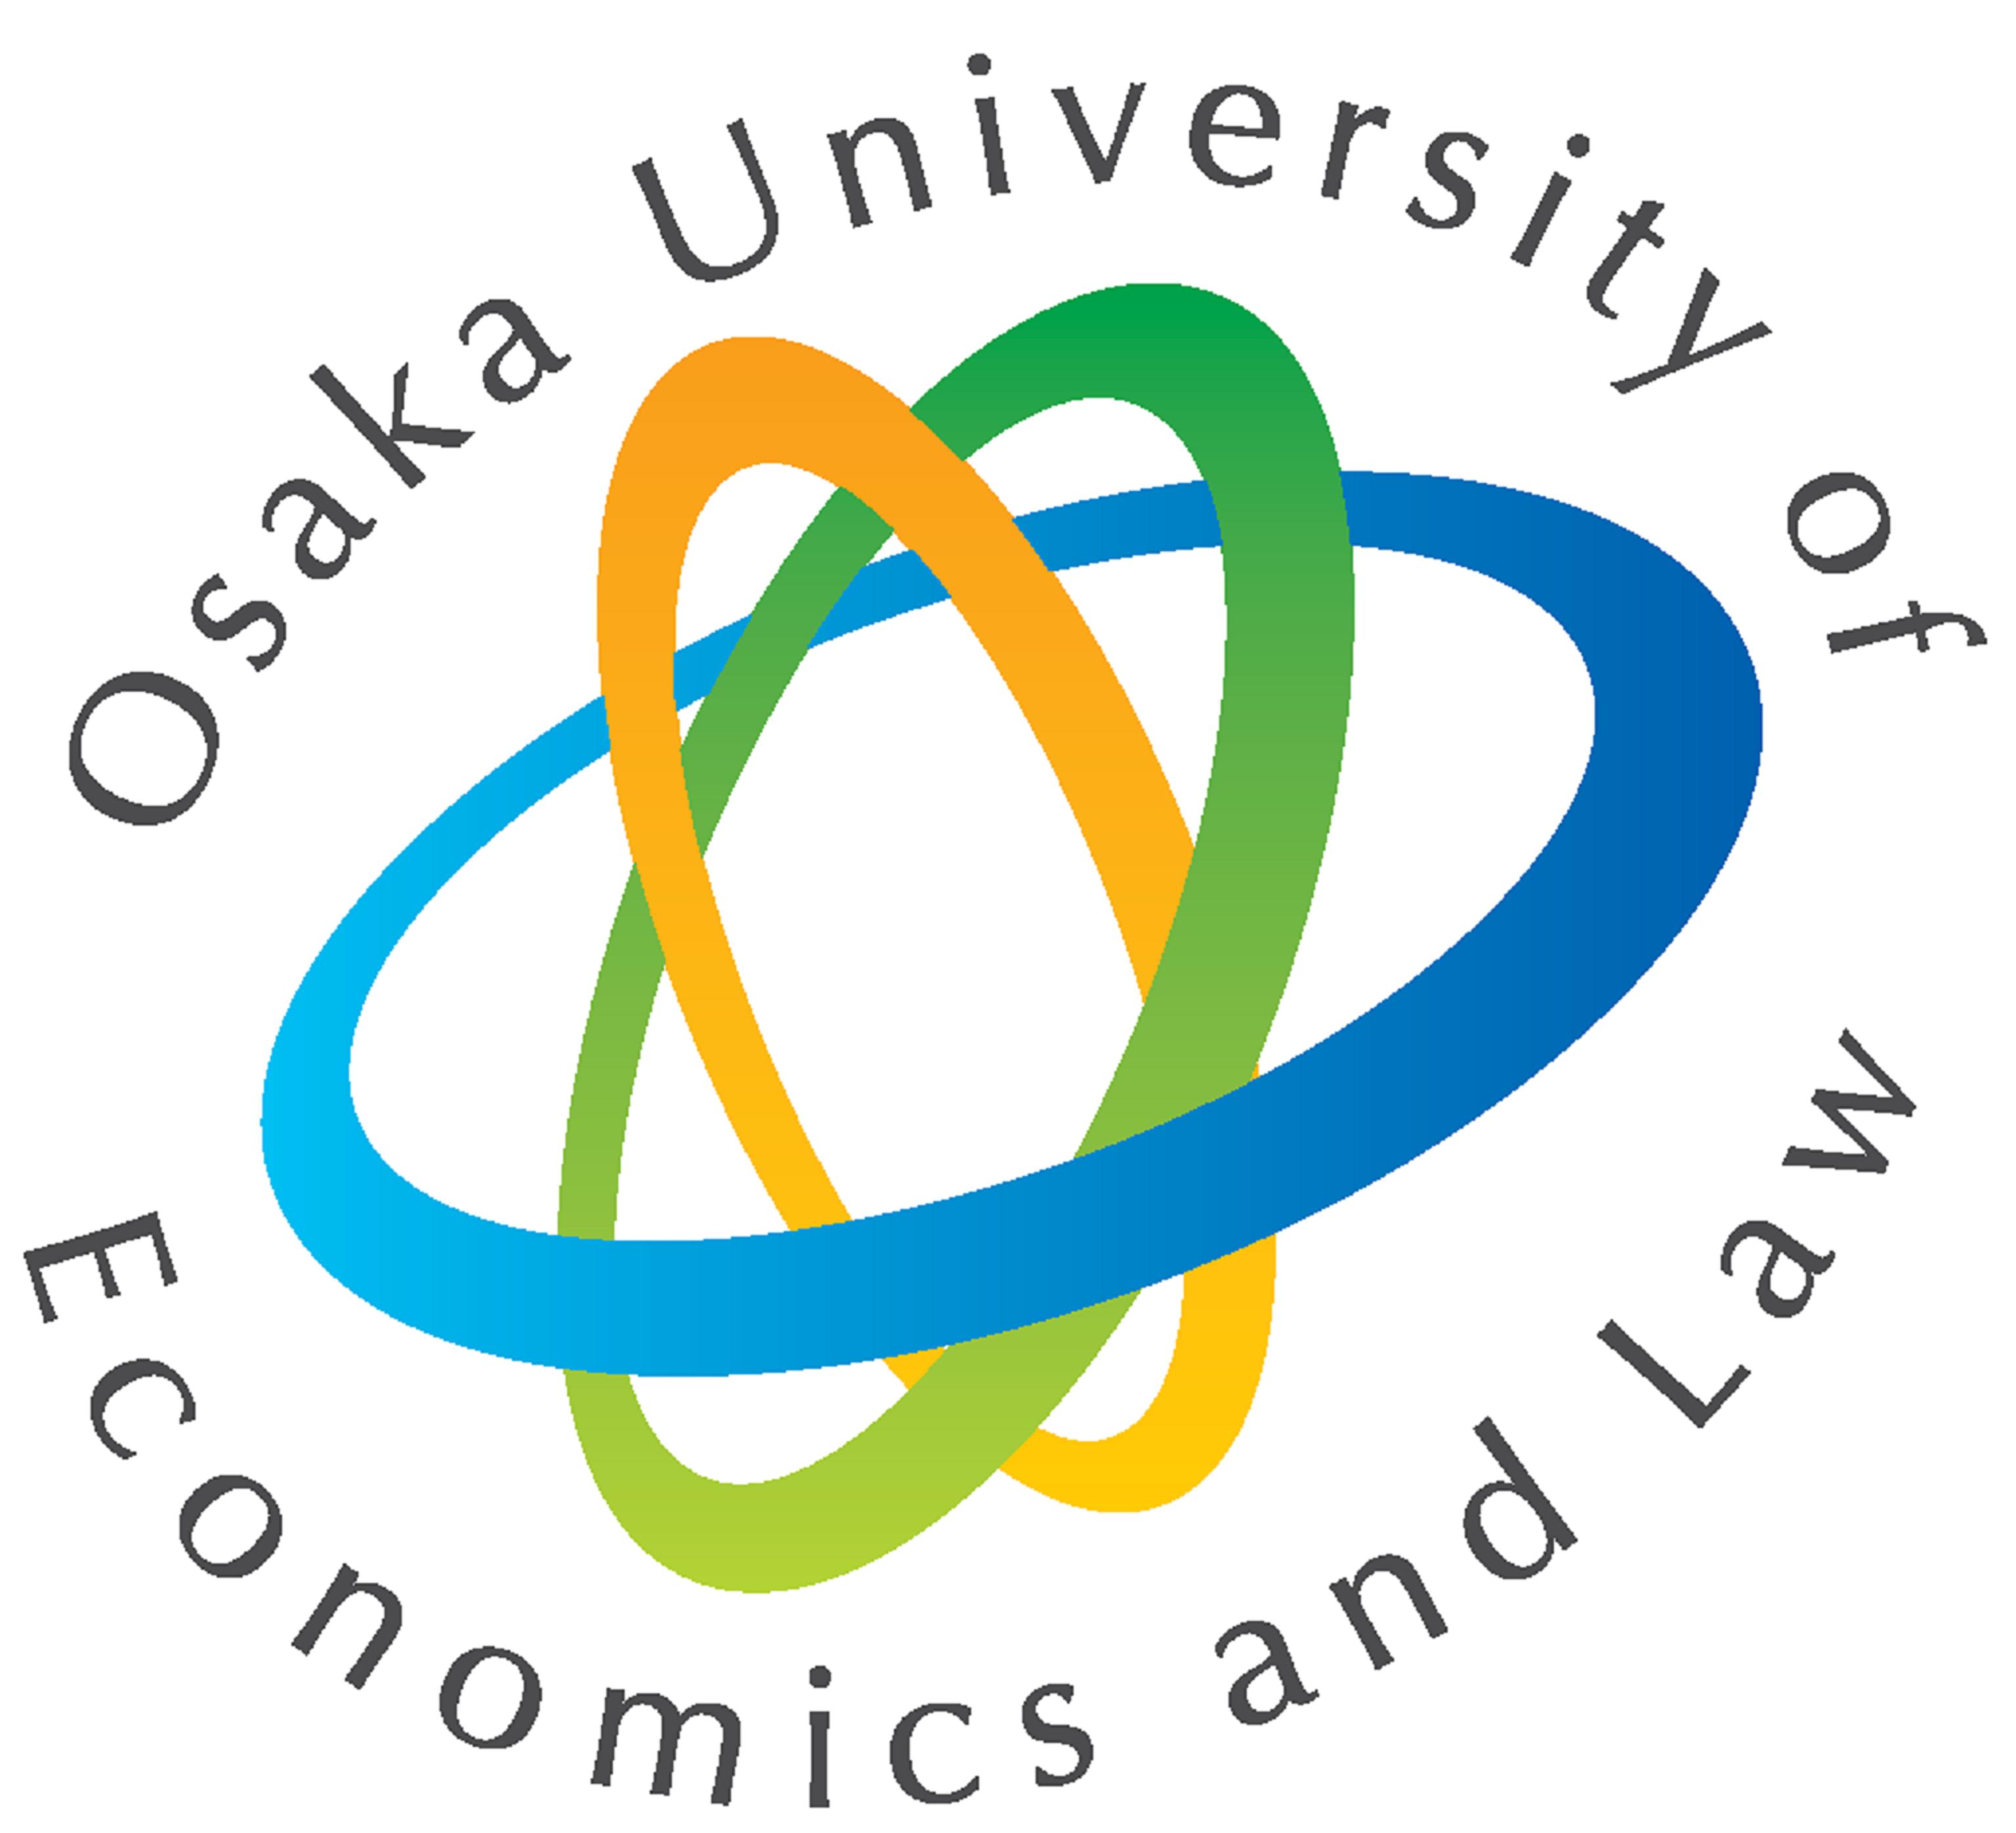 大阪経済法科大学の評判と偏差値【やばいという噂の真偽を卒業生に聞いてみた】